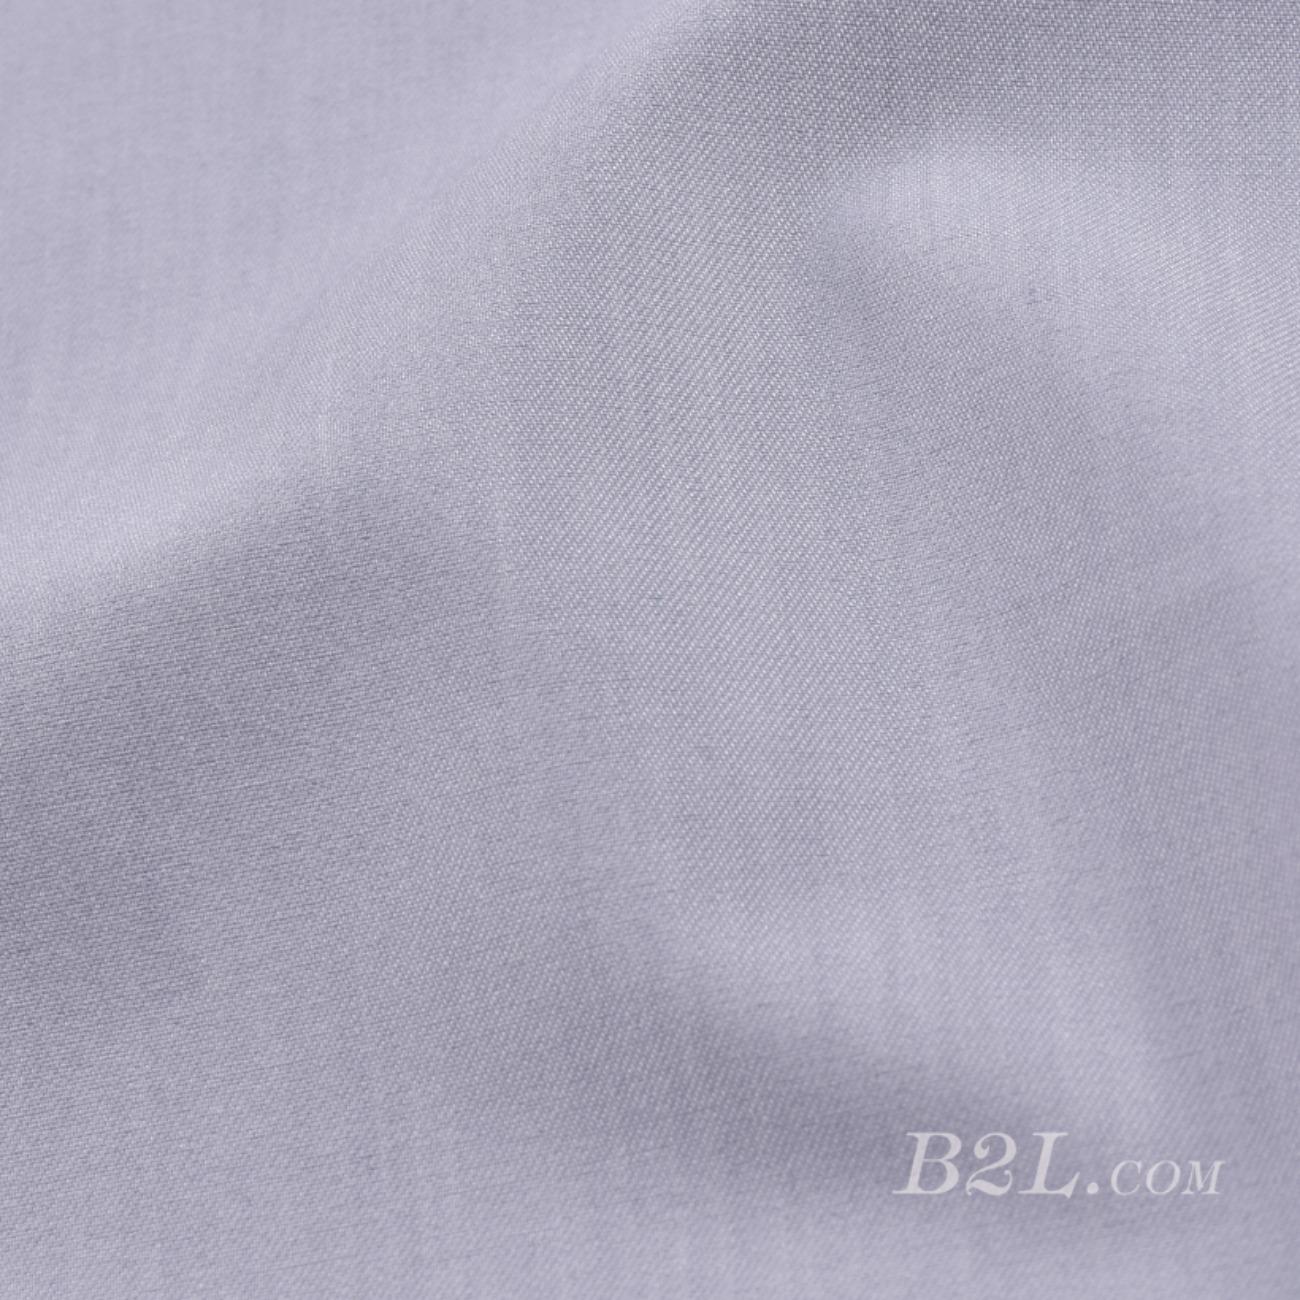 素色 梭织 染色 低弹 全涤 外套 连衣裙 时装 80910-7